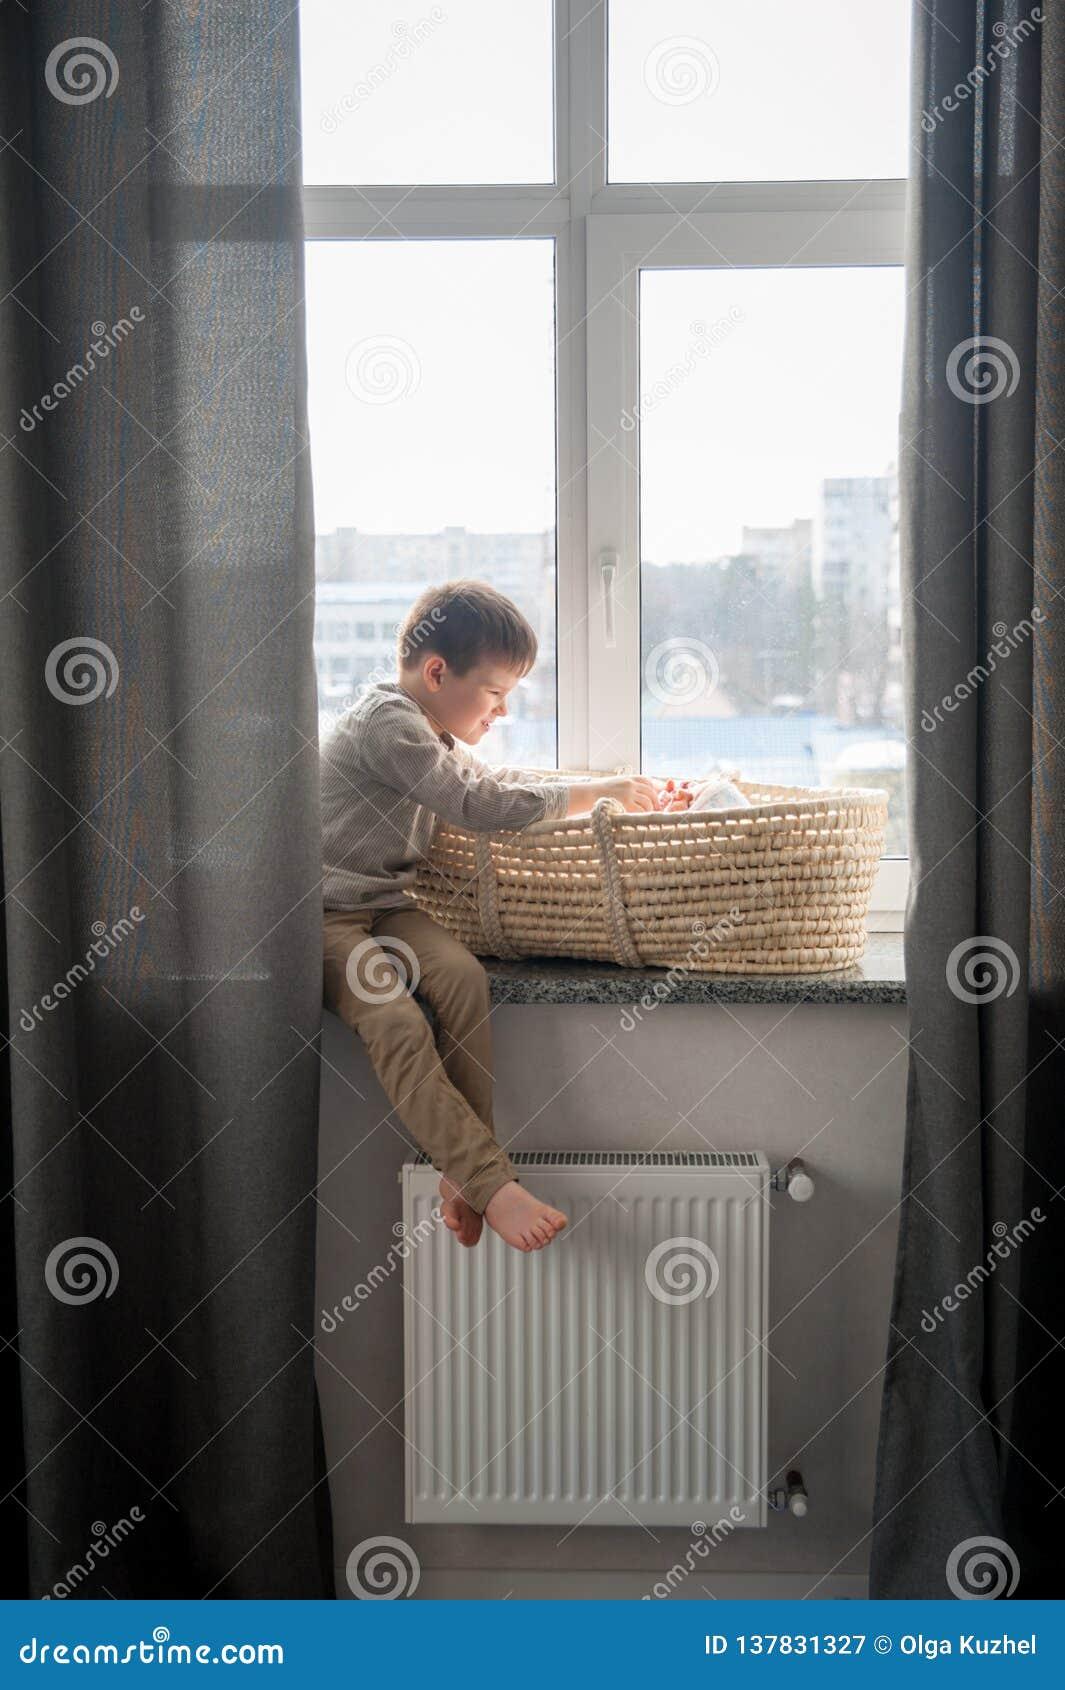 Weinig broer zit dichtbij het venster met himnewbornzuster in de wieg Kinderen met klein leeftijdsverschil